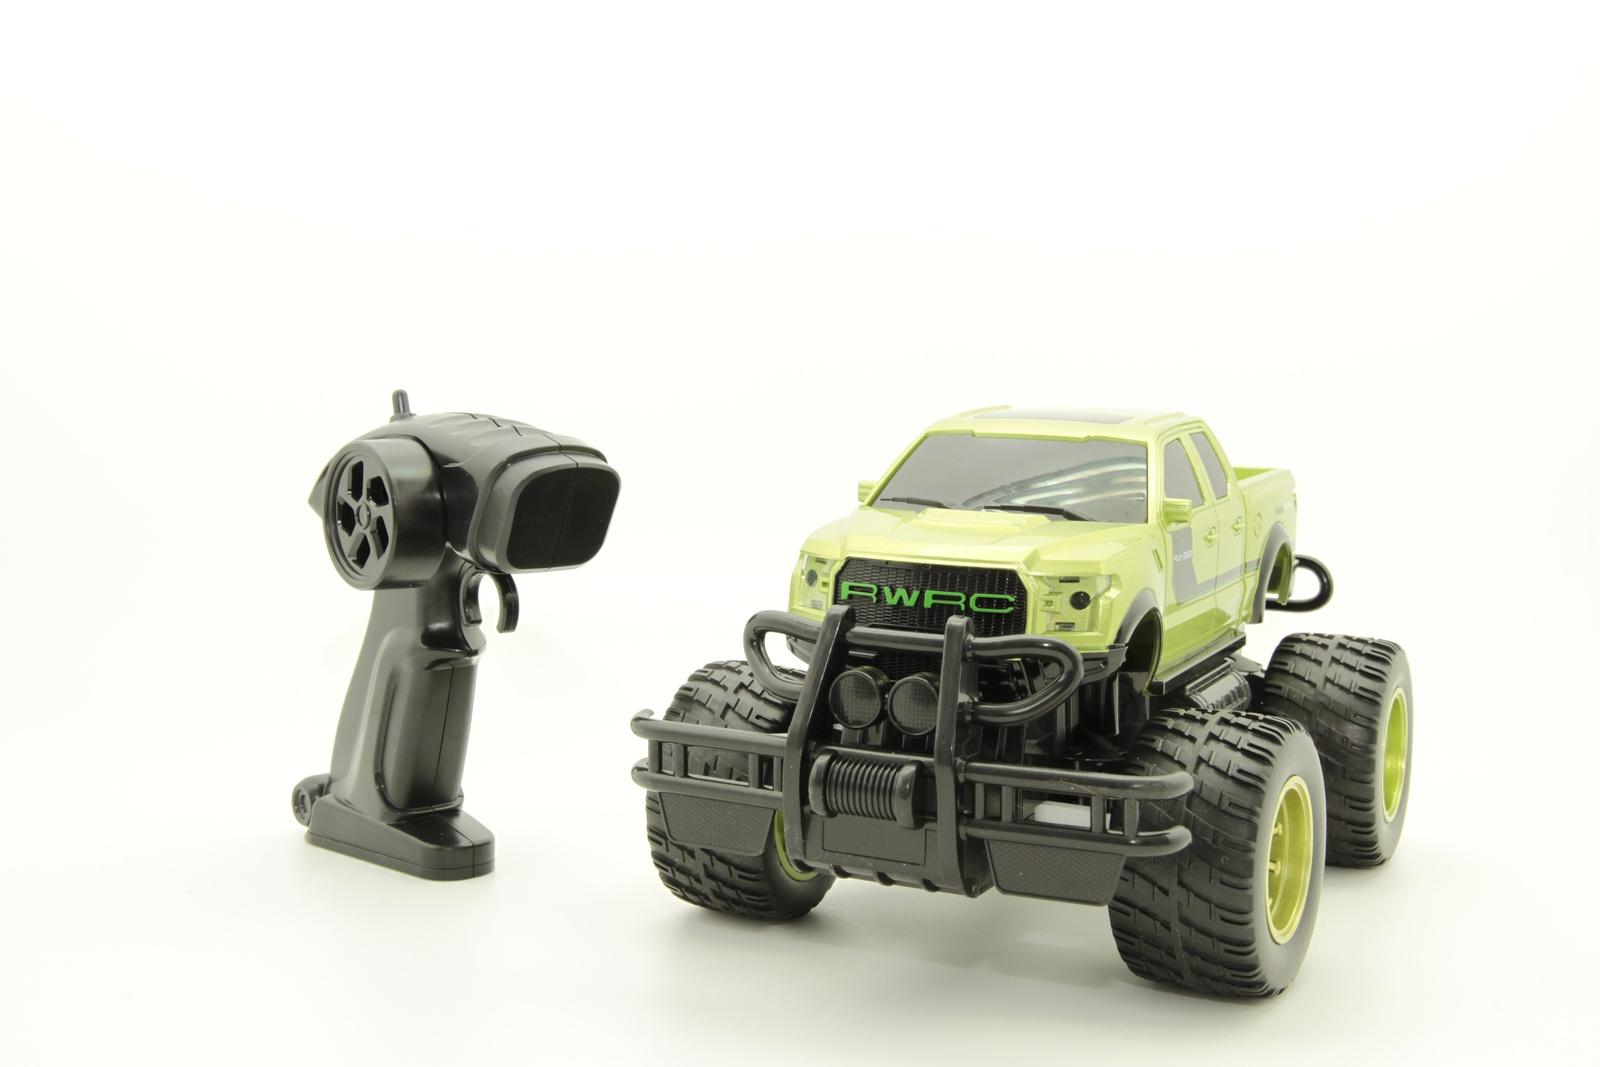 Машинка радиоуправляемая Balbi RCO-1401MG зеленый машина на ру balbi внедерожник 1 14 графит rco 1401 bl